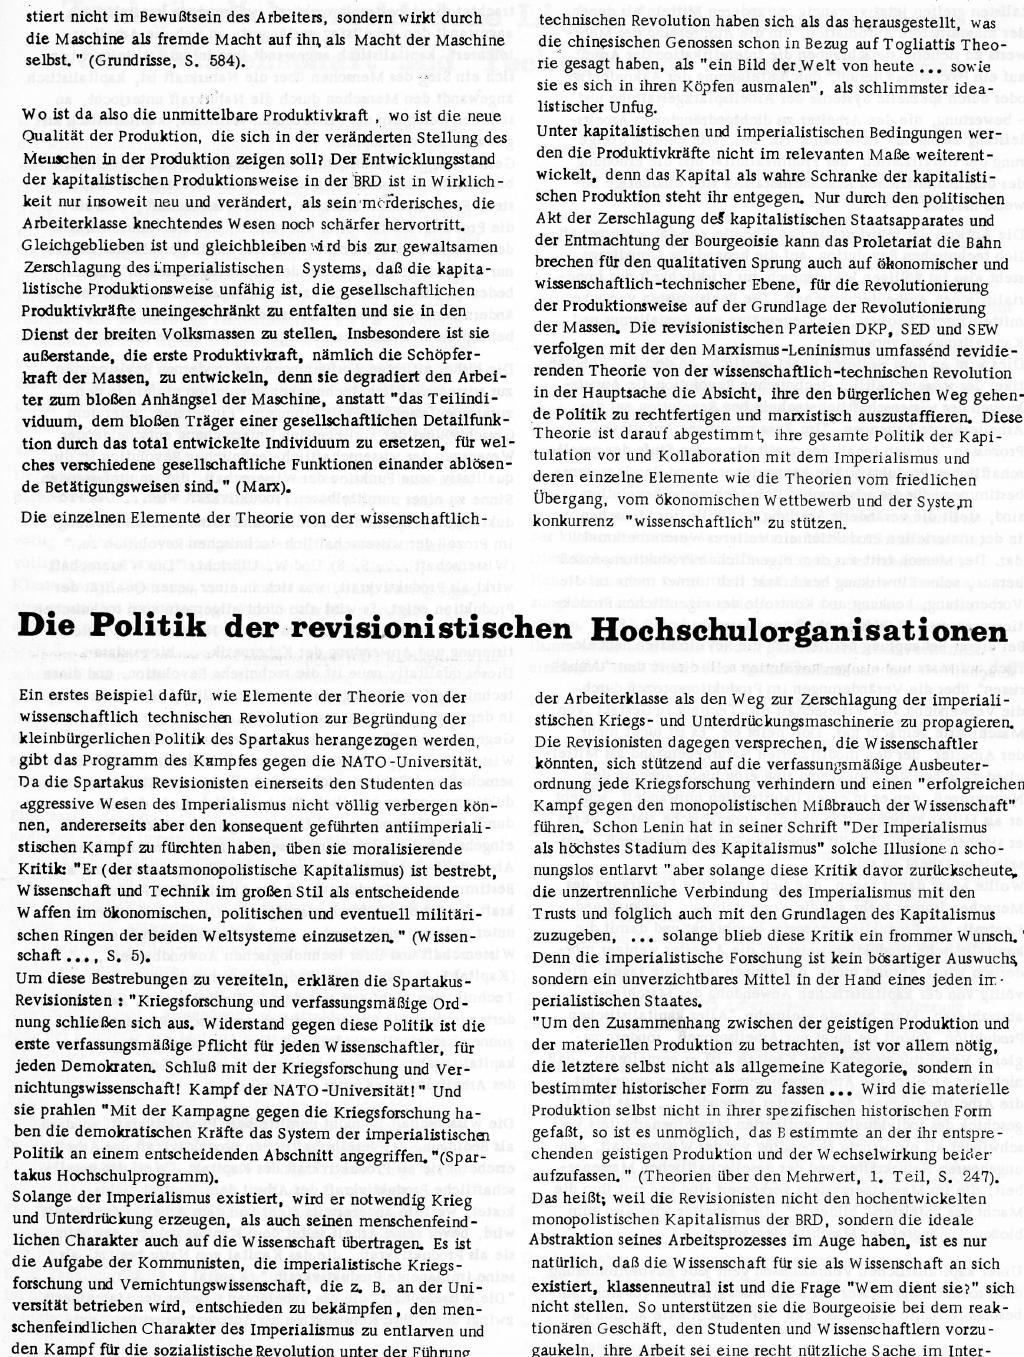 RPK_1971_140_04